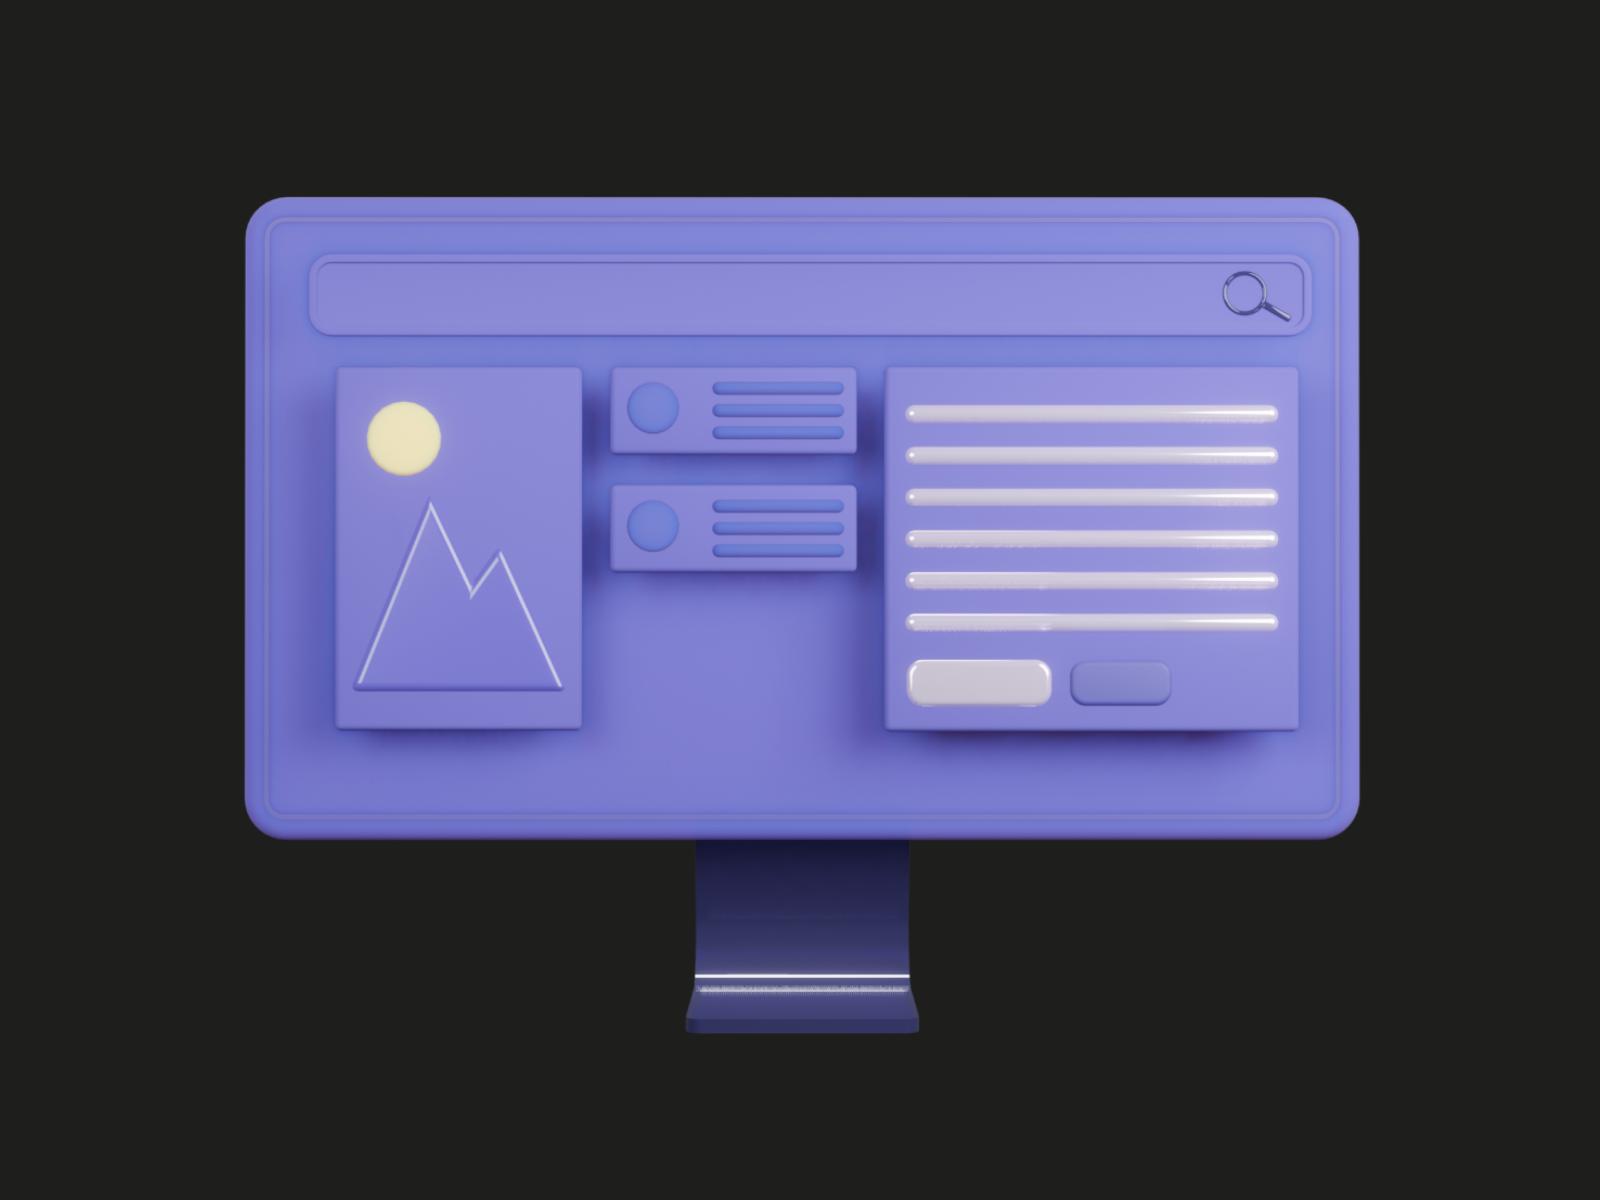 منبع دانلود فایلهای تصویرسازی و آیکانهای وکتور